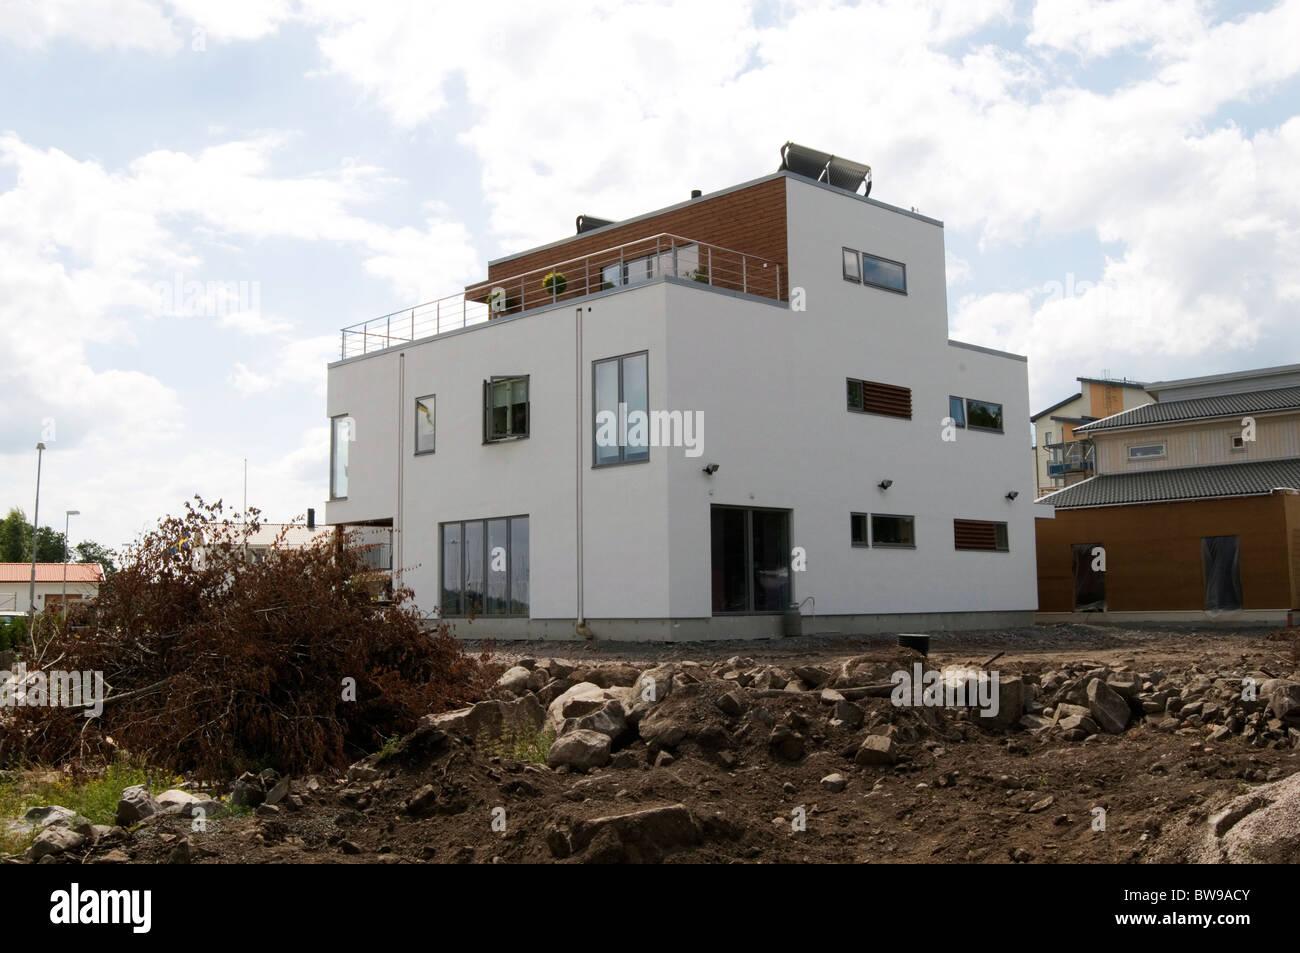 Stockfoto schwedischen modernen haus immobilien häuser große pläne weiße moderne moderne zeitgenössische minimal minimalismus minimalistisch schweden